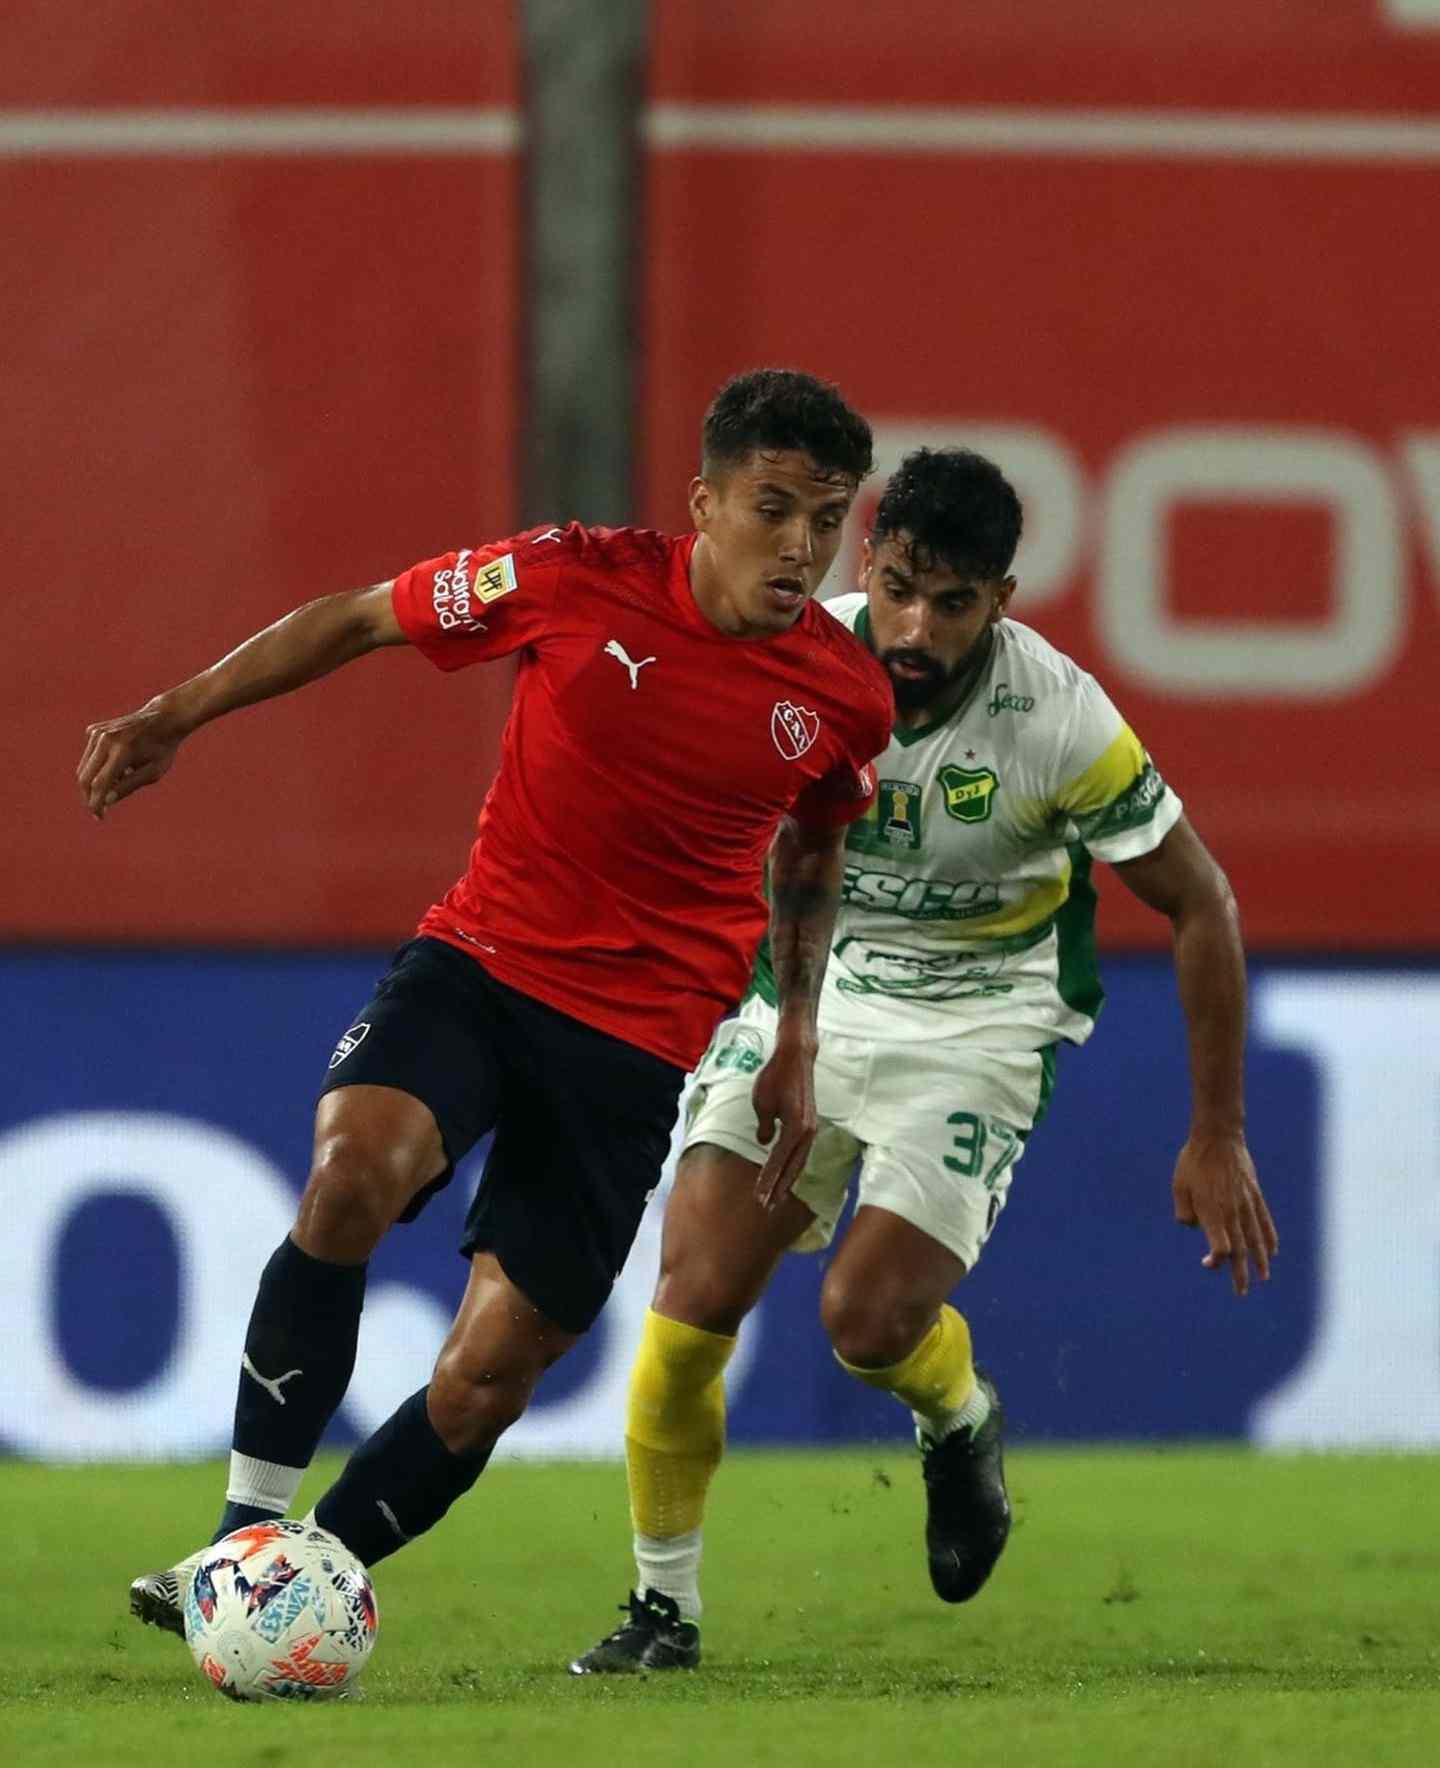 Andrés Roa podría dejar el club en caso de que llegue una buena oferta por él.